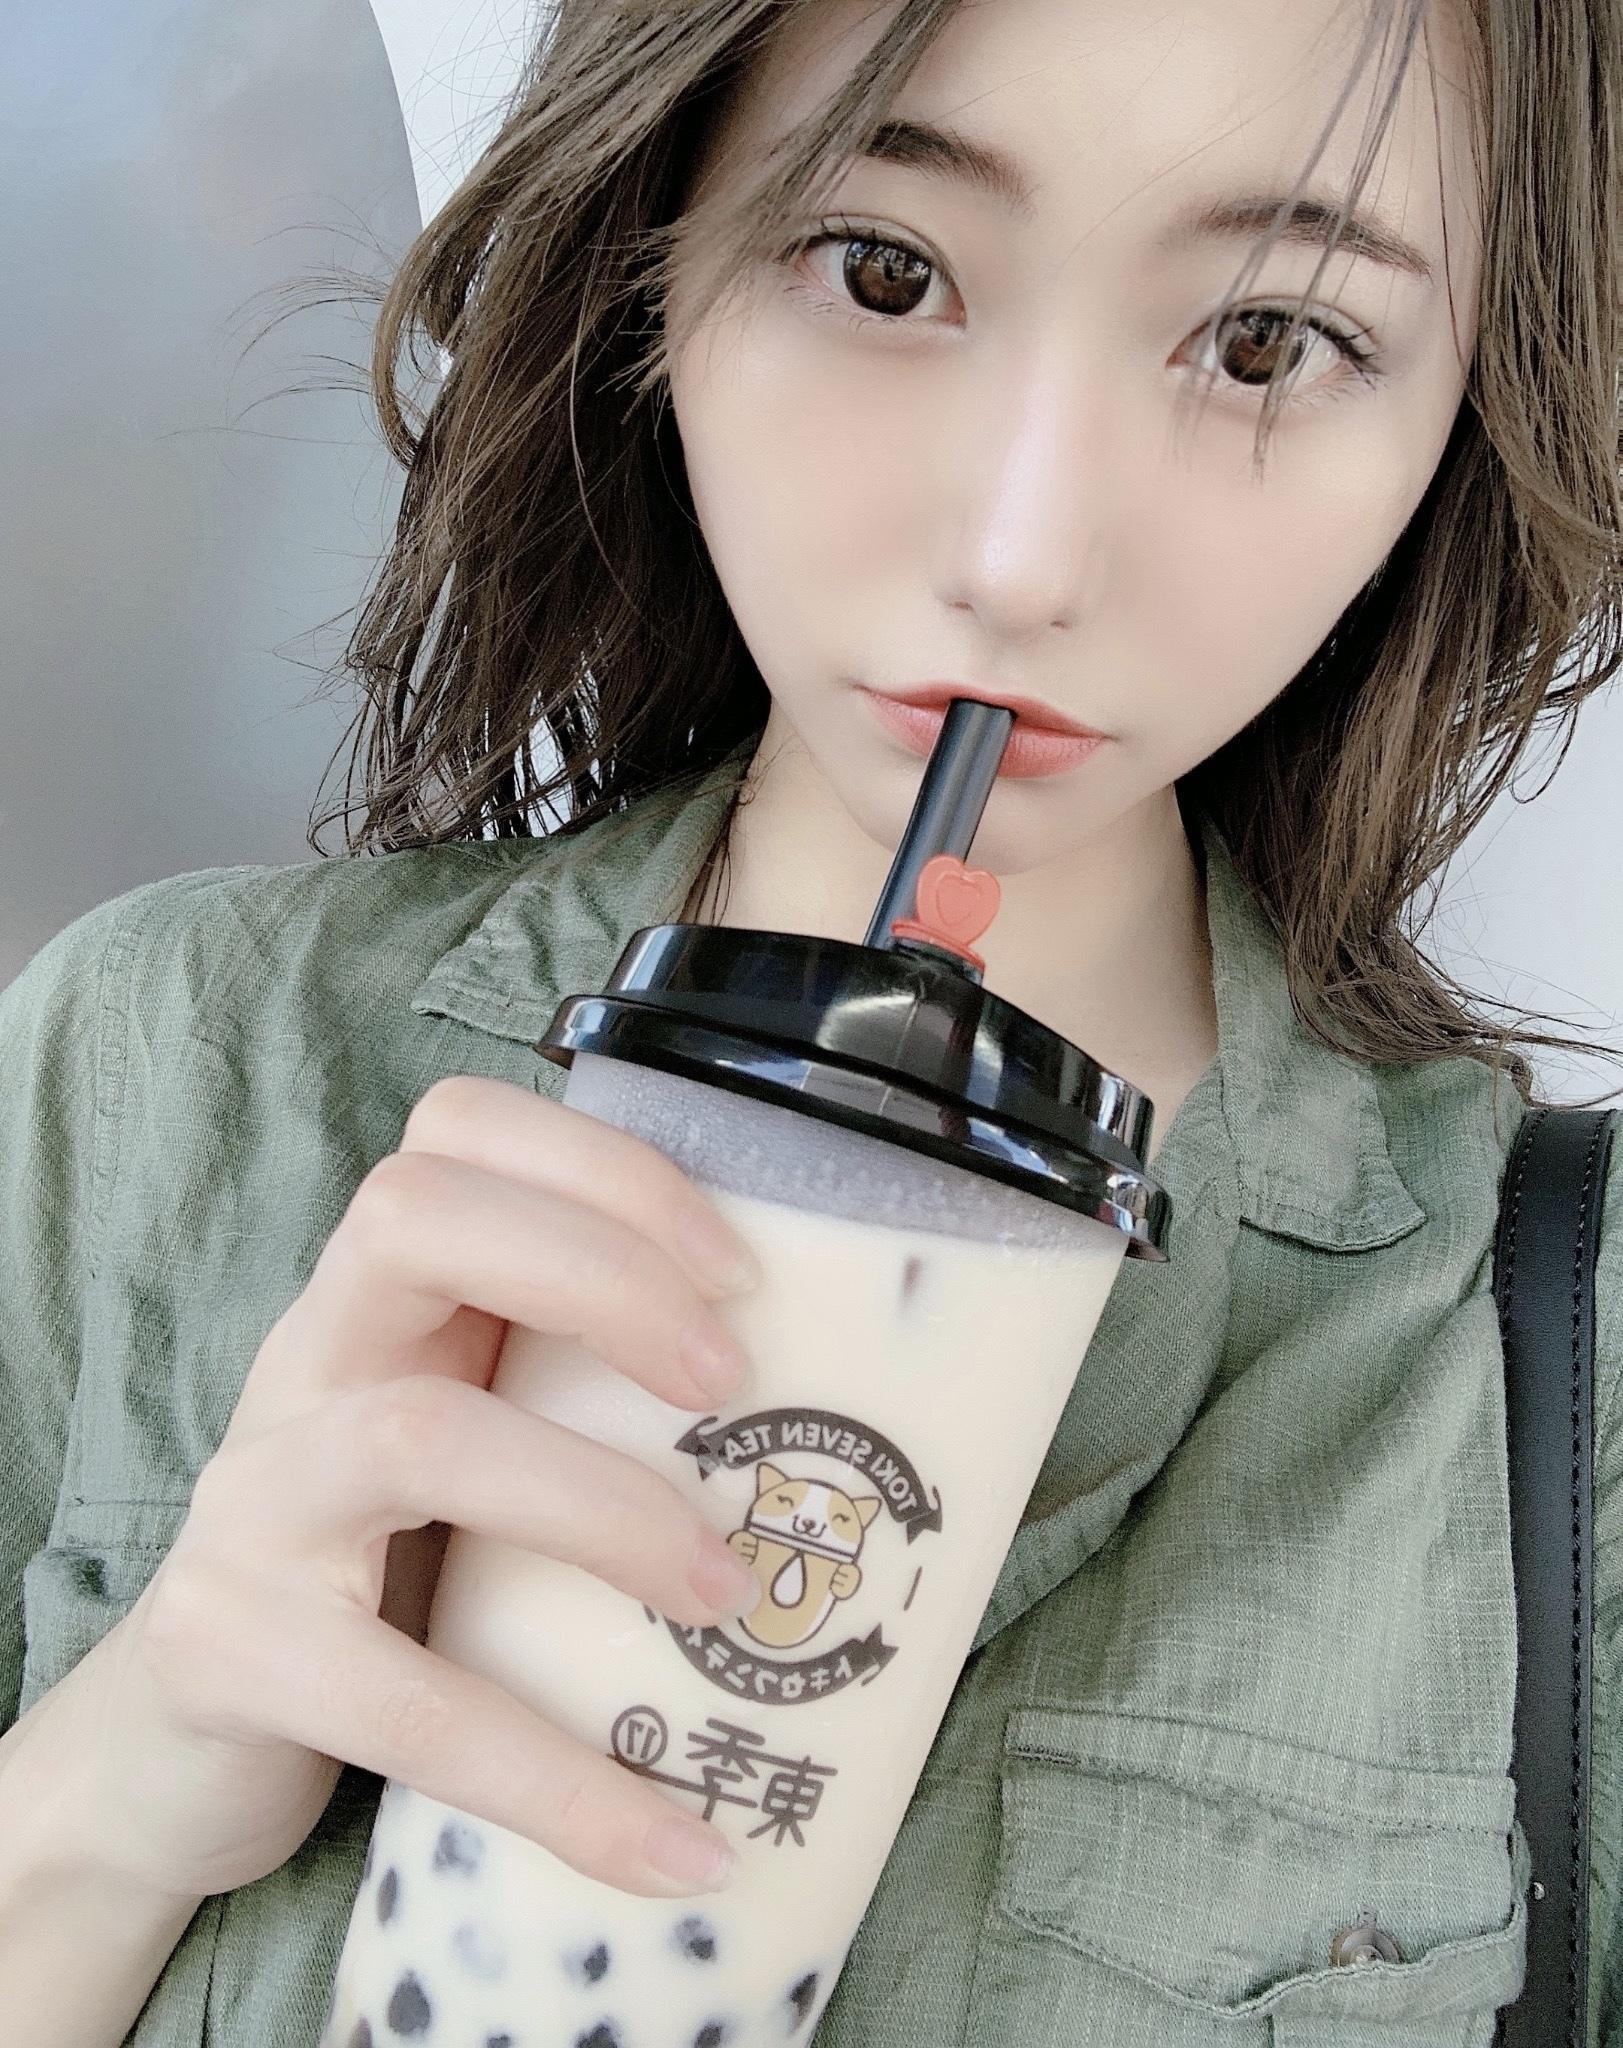 【Toki Seven Tea】本場の本格タピオカミルクティー♡_1_1